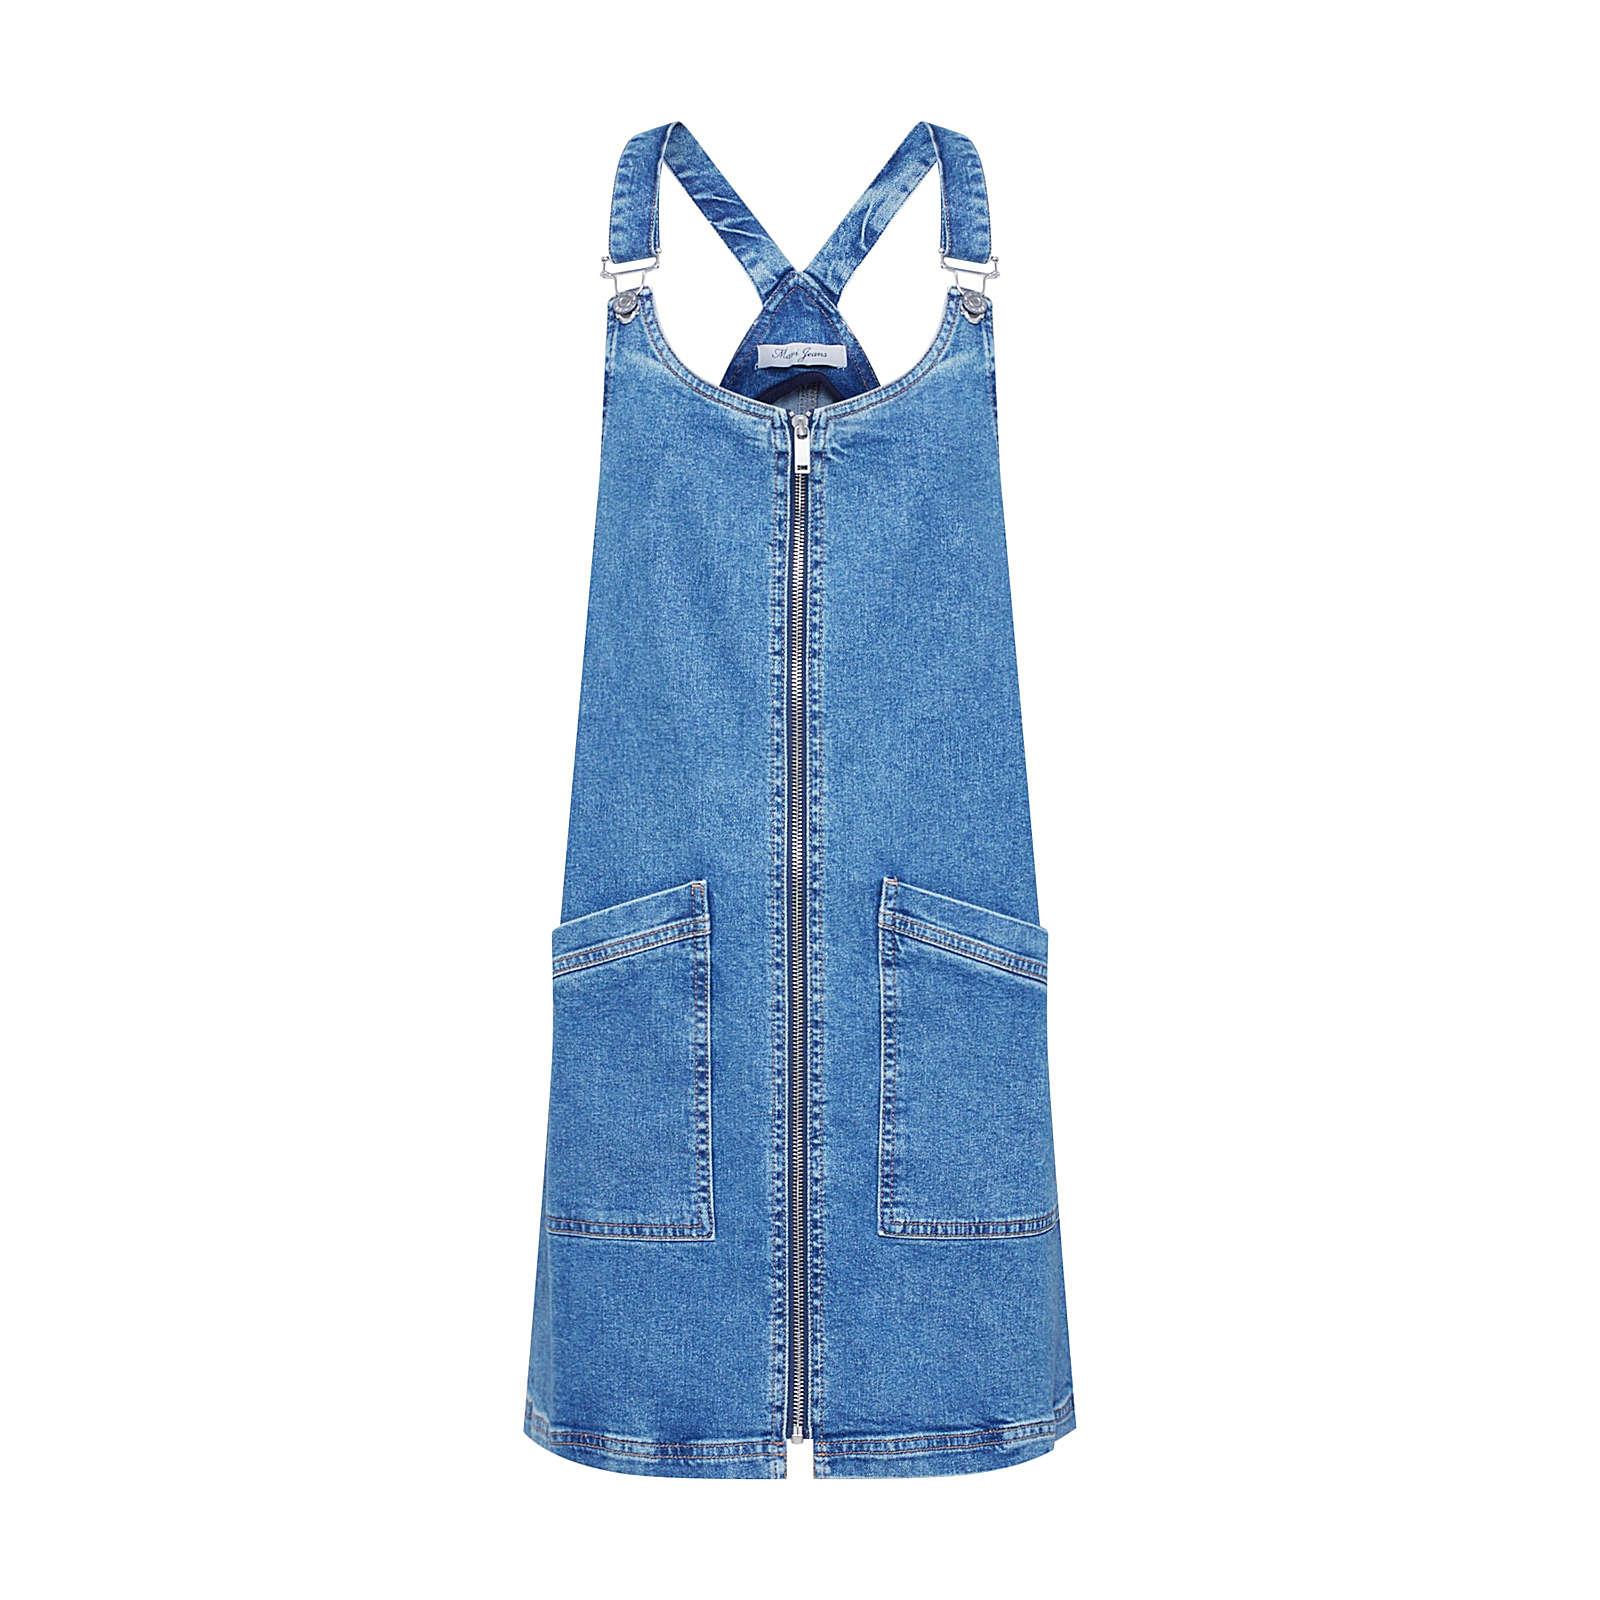 Mavi Kleid JOYCE Jeanskleider blue denim Damen Gr. 36